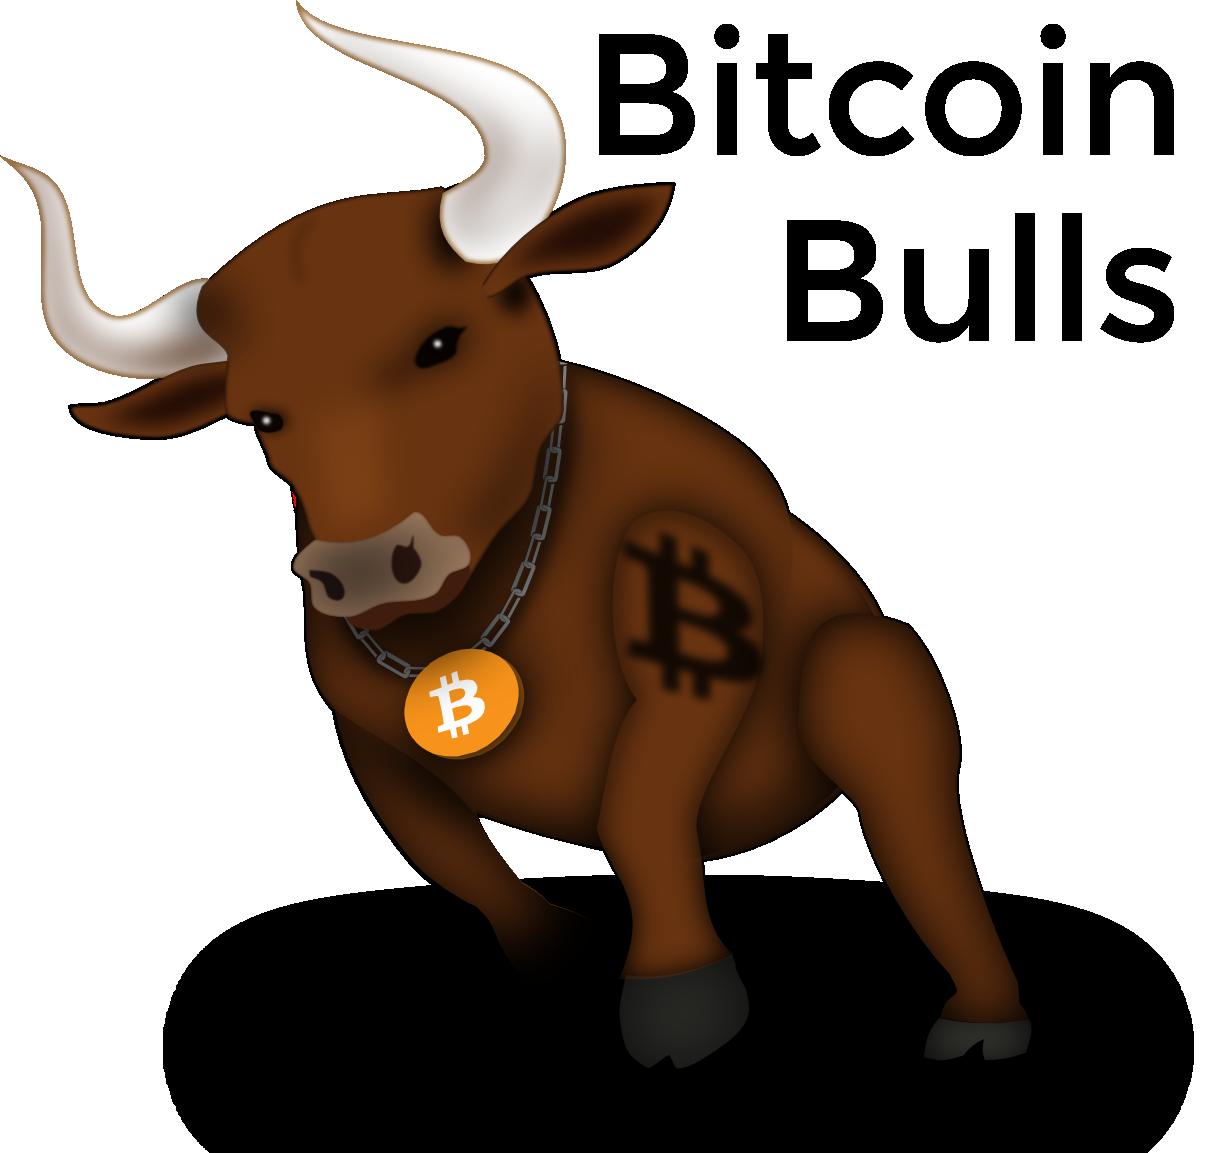 Ox clipart brown bull. Bitcoin bulls don t